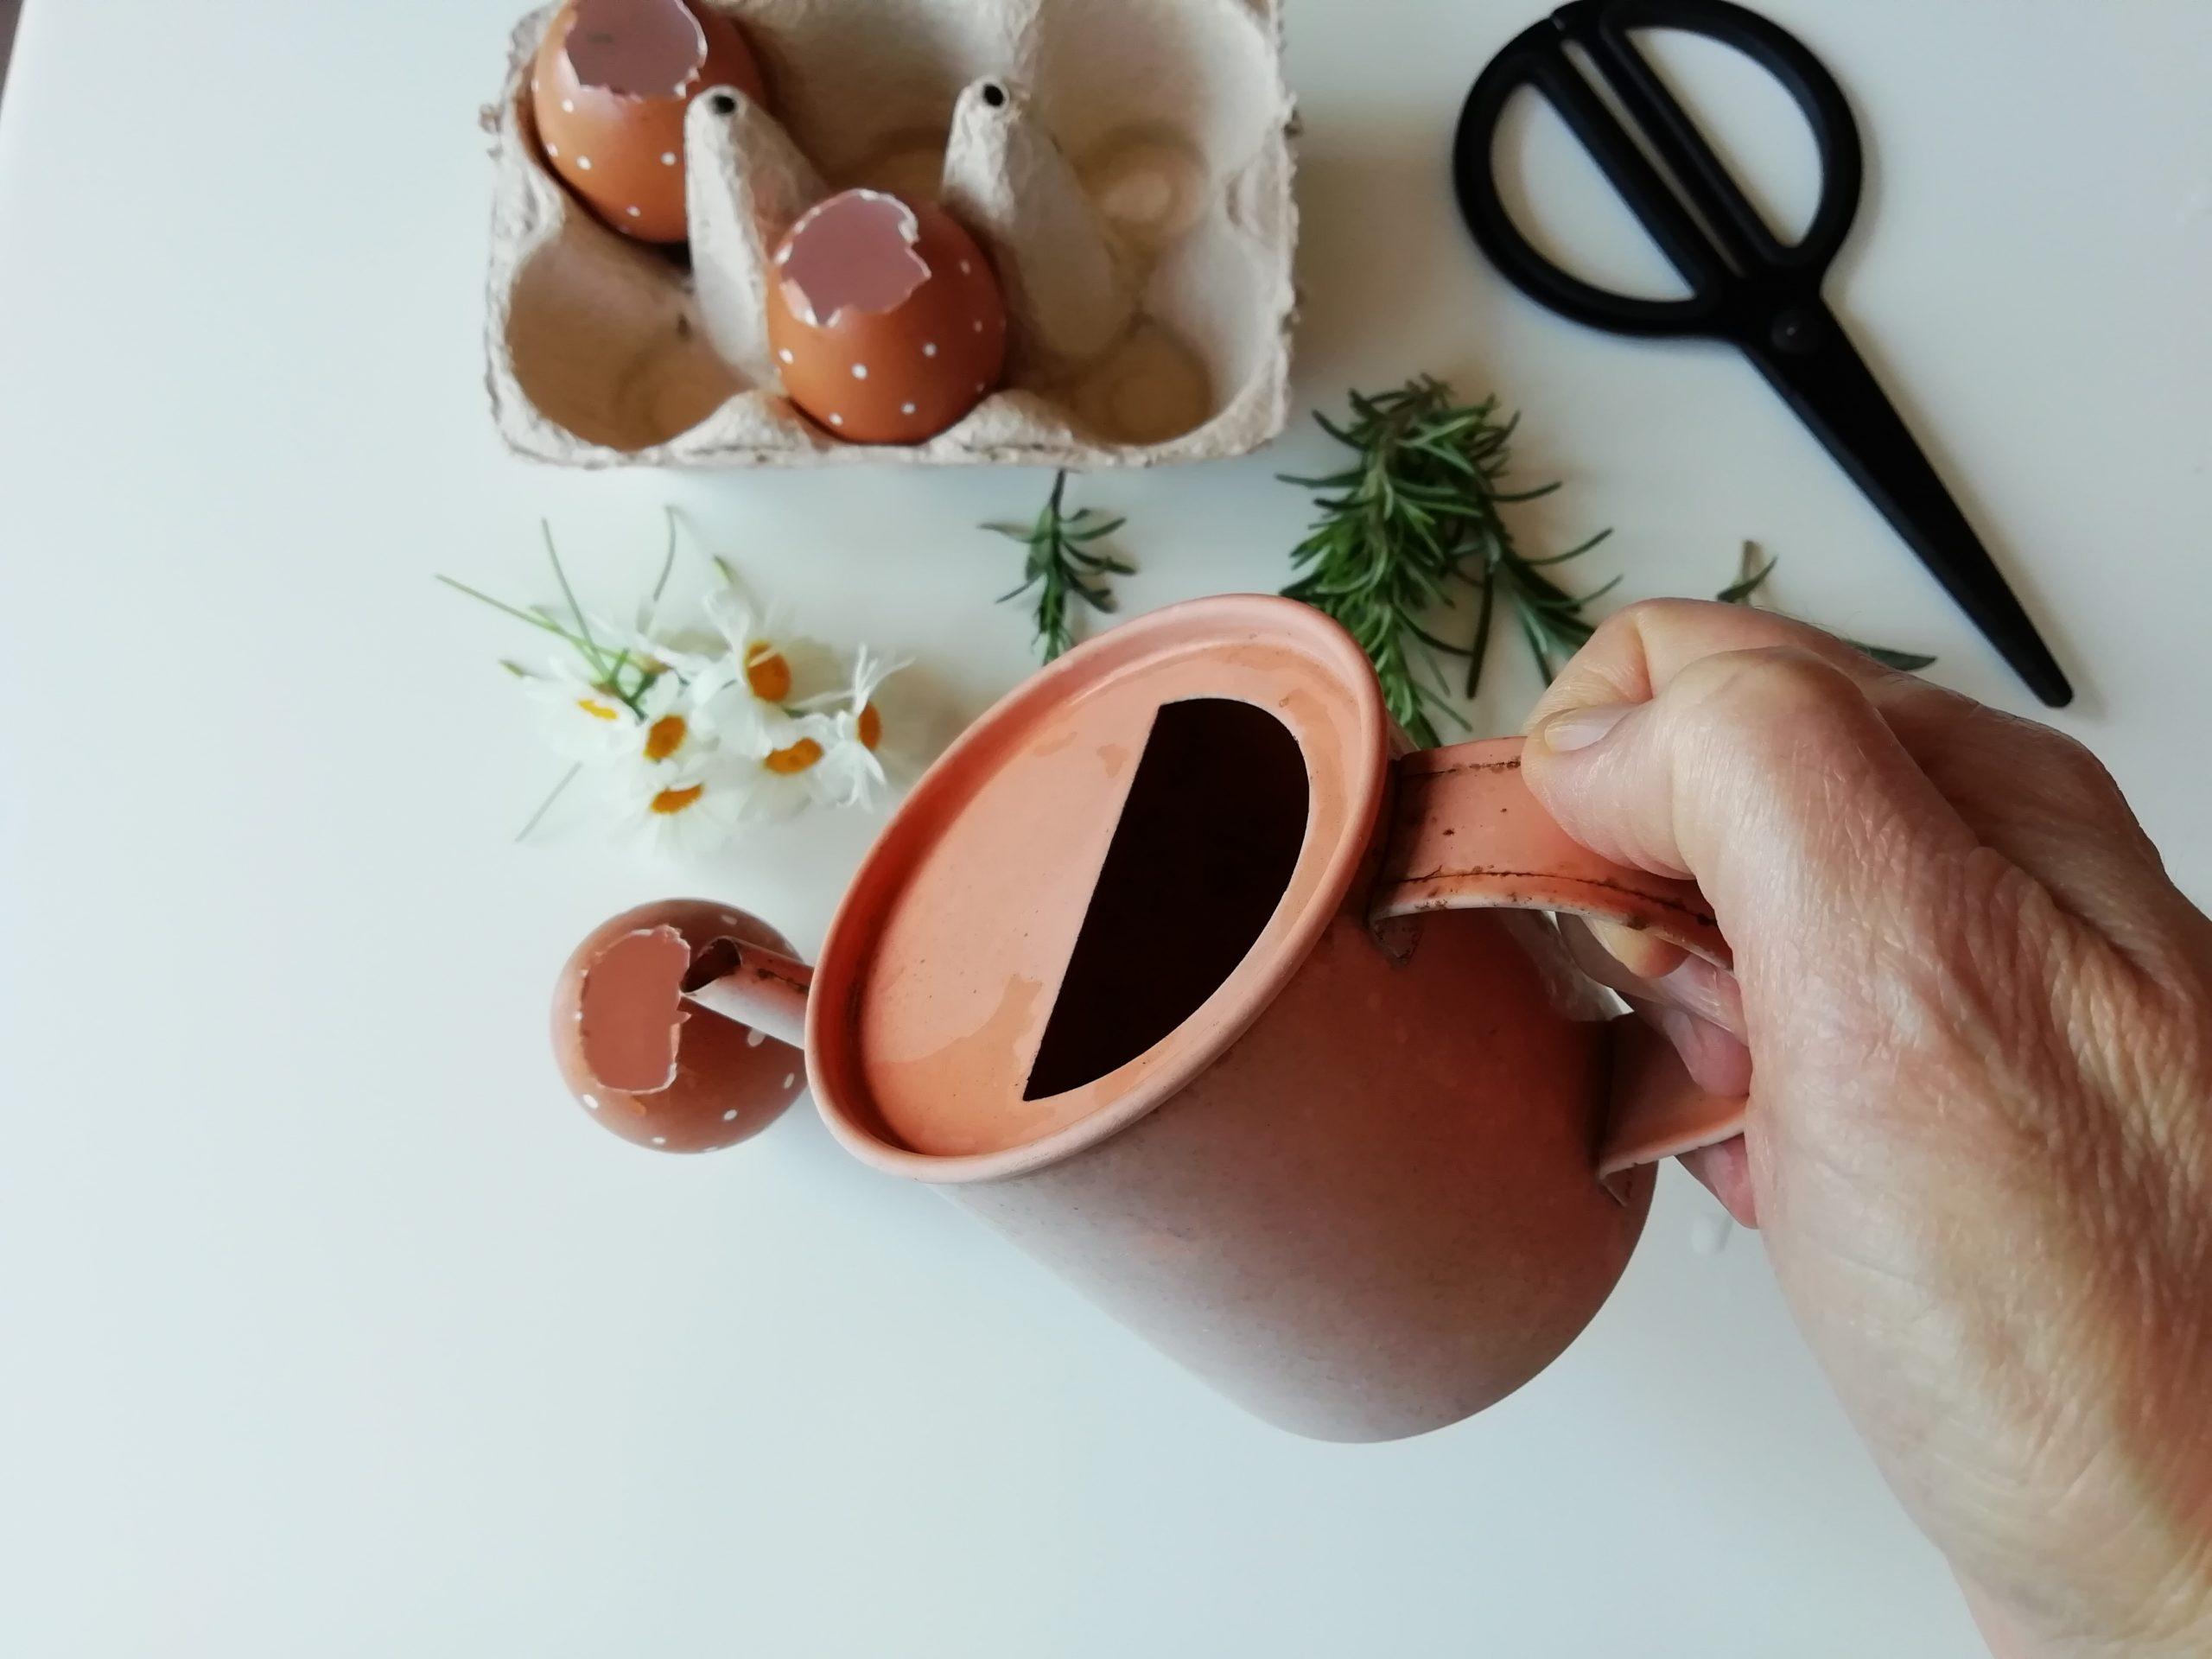 laboratorio floreale Pasqua acqua nell'uovo